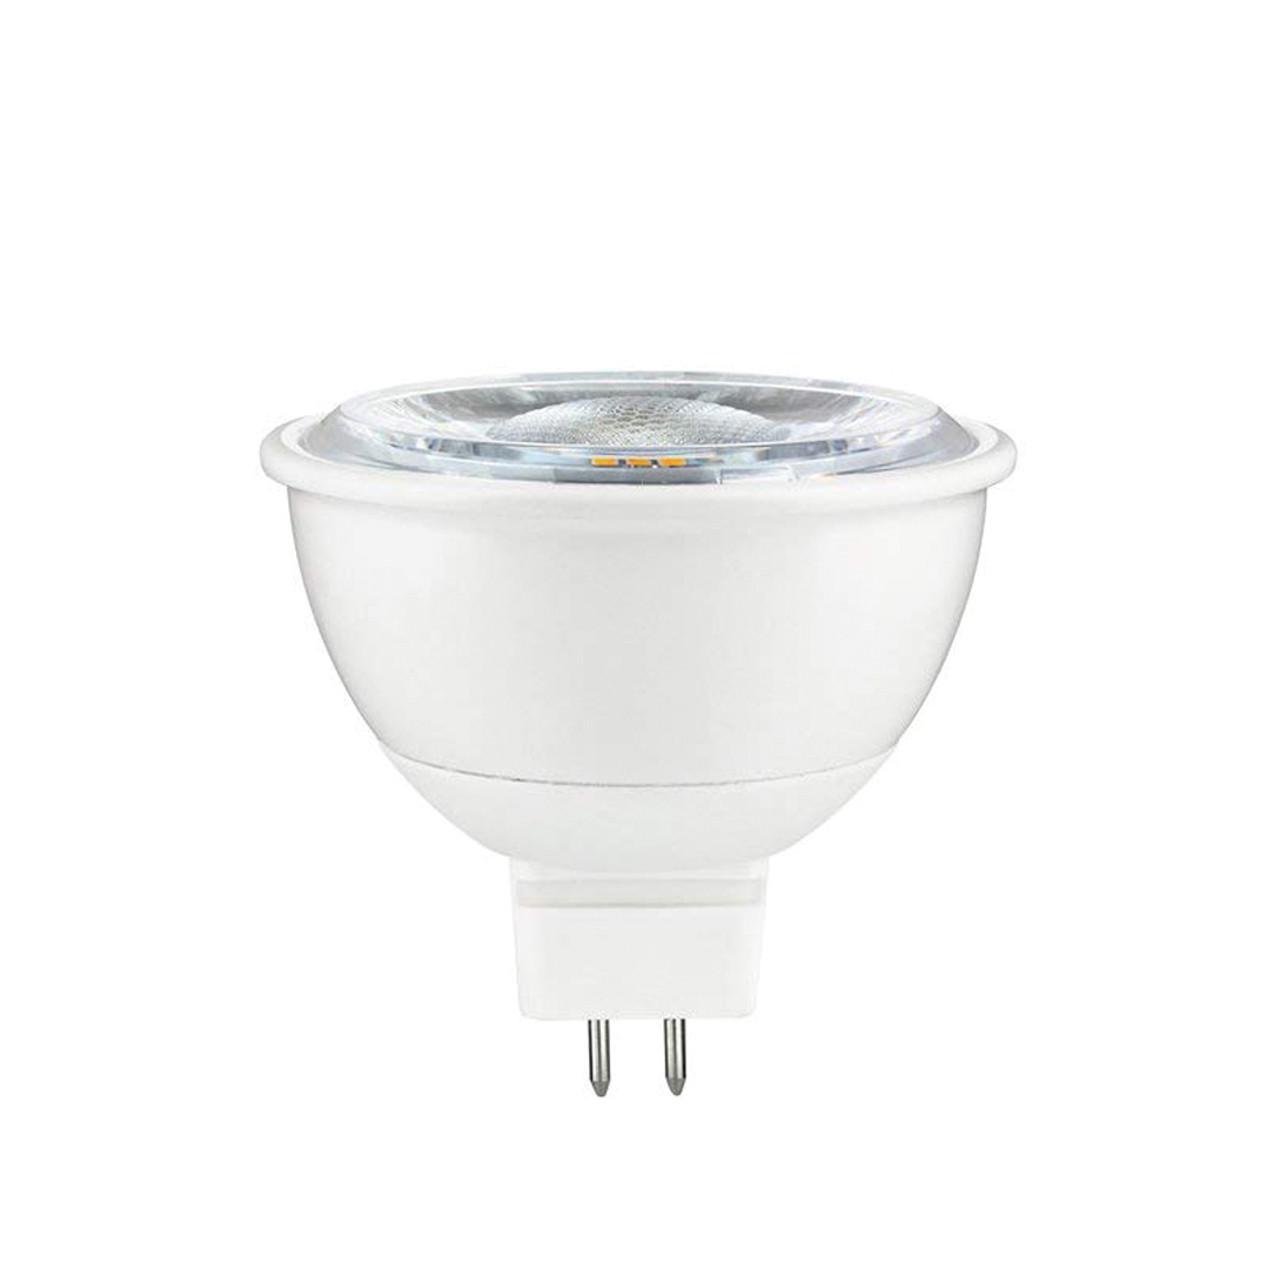 Mr16 Led Wattage: LED 7 Watt MR16 Dimmable